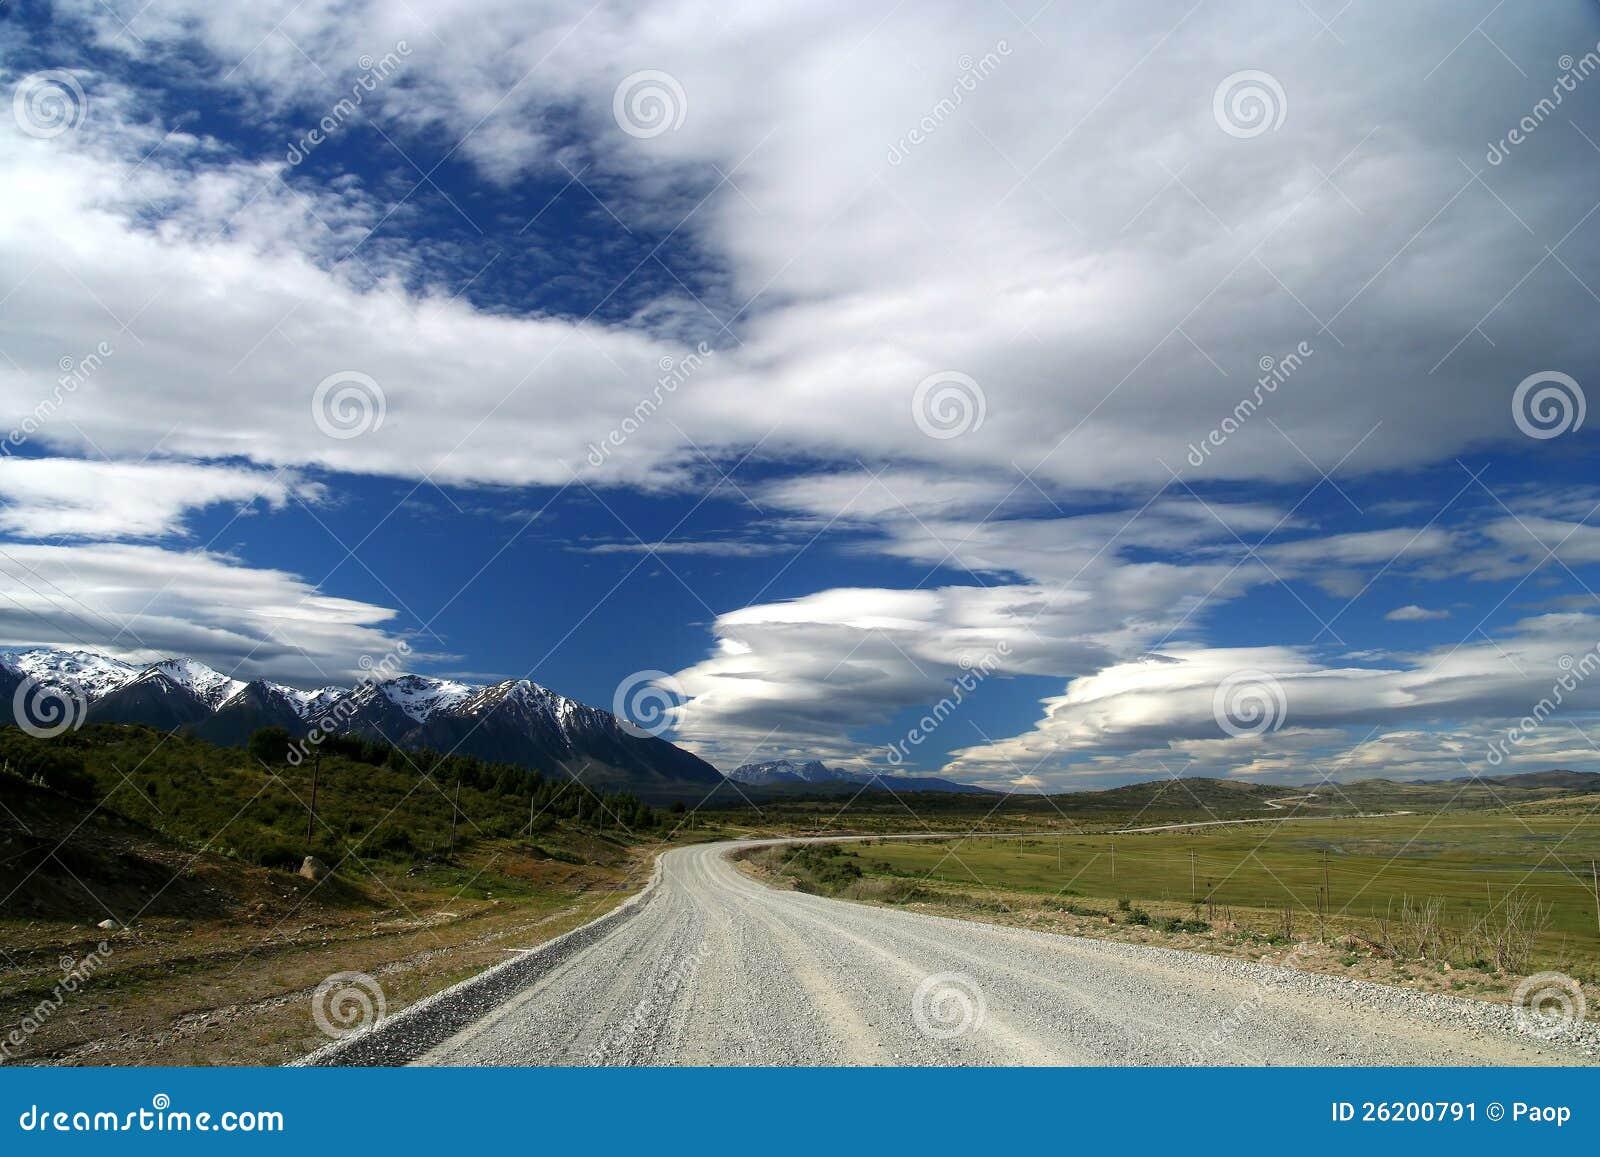 Scenic patagonian road